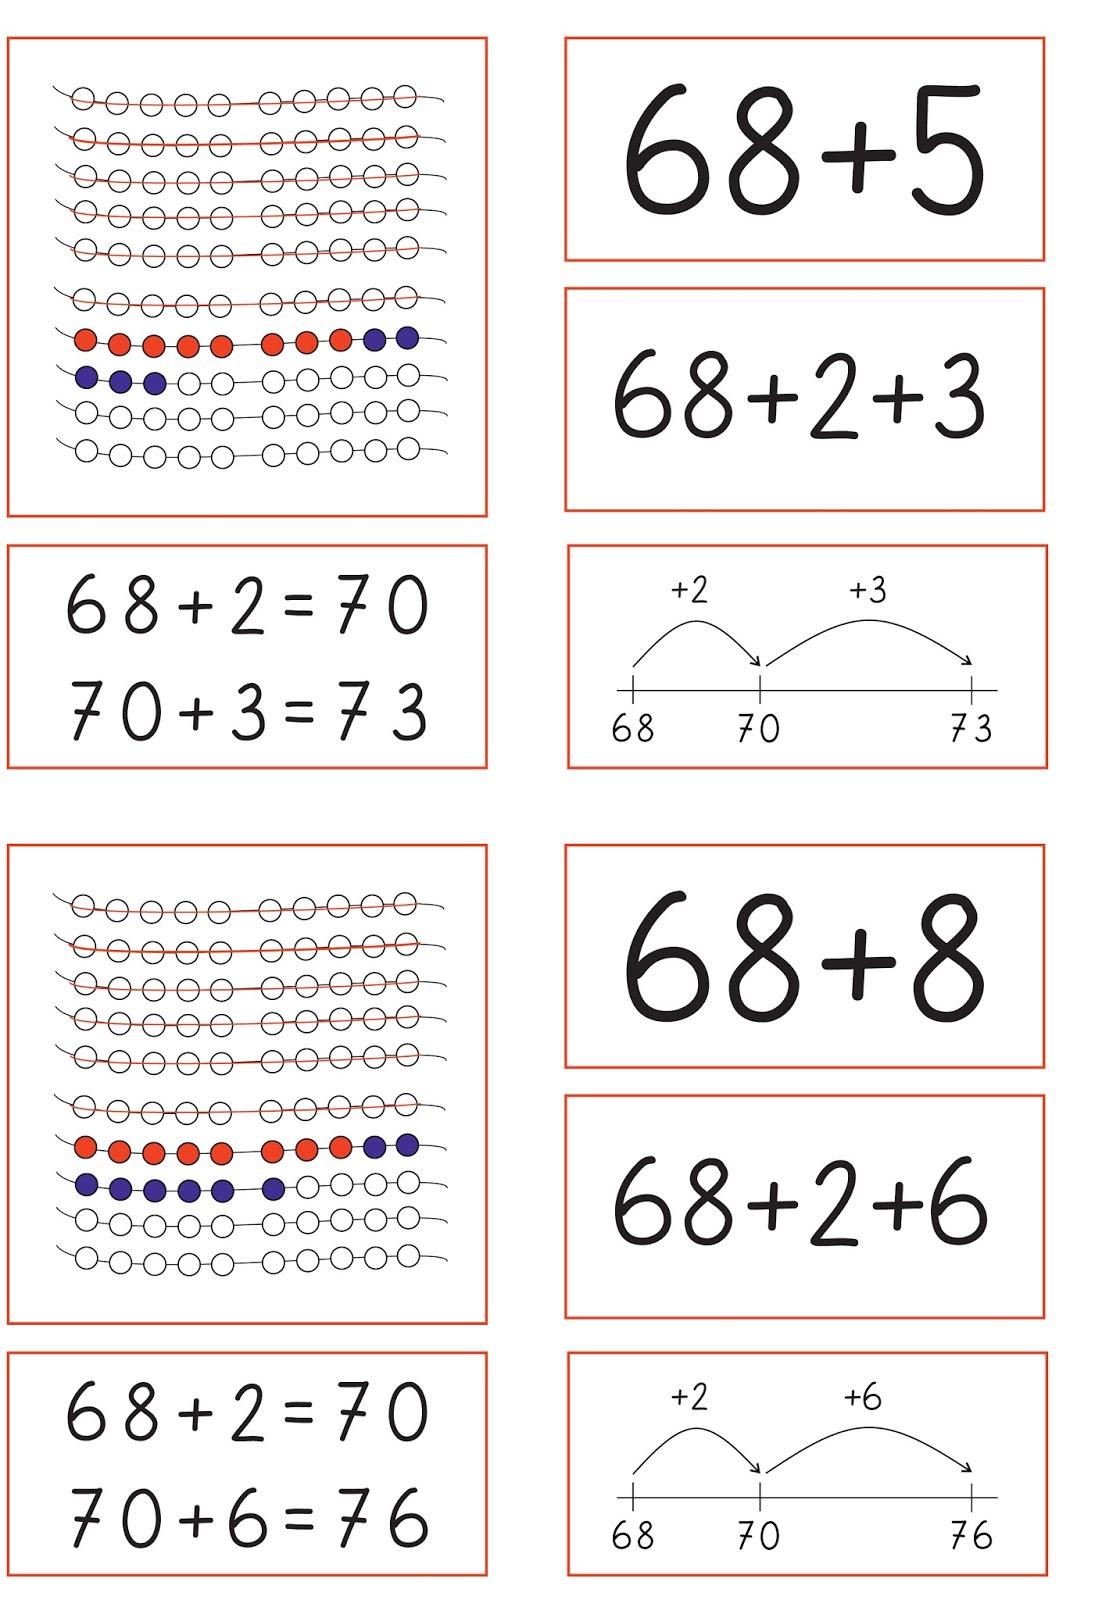 Lernstübchen: verschiedene Darstellungsformen zu Plusaufgaben über ...